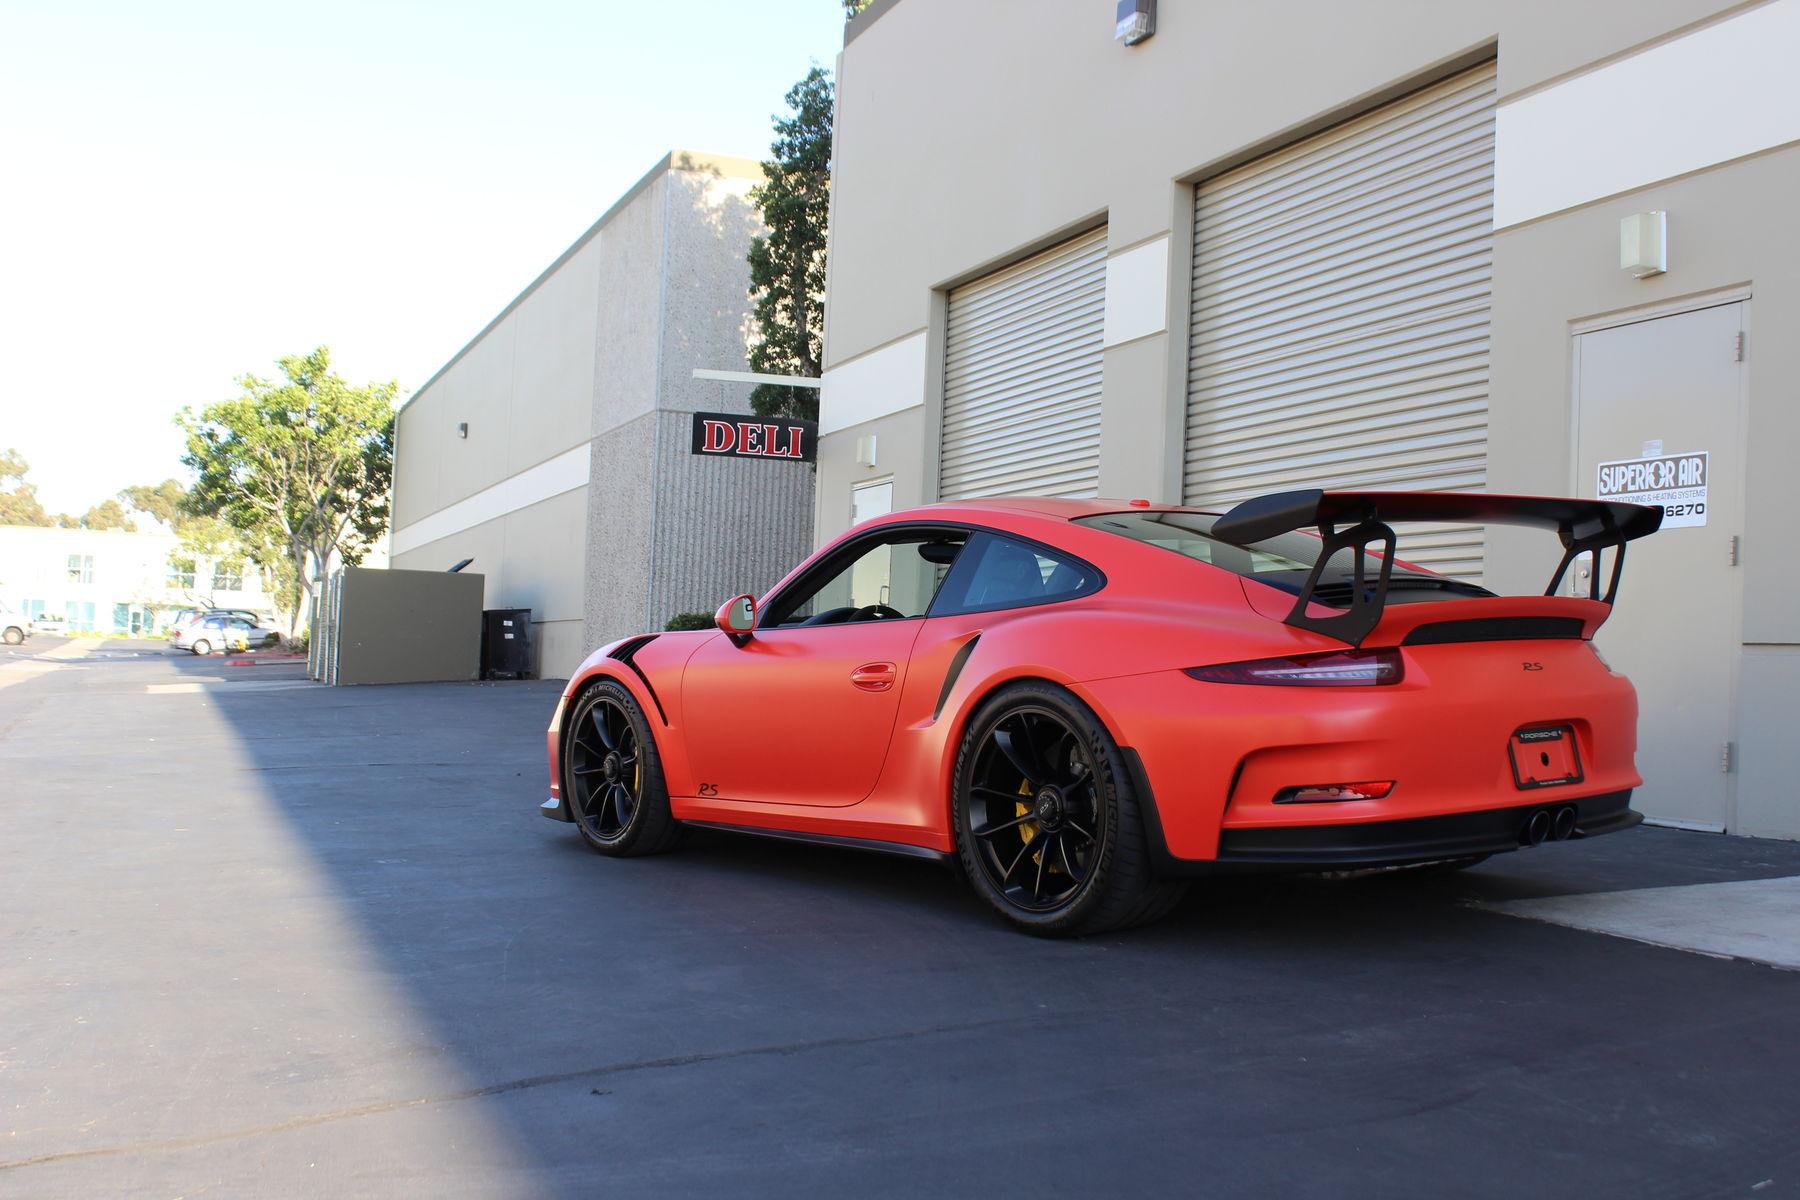 2015 Porsche 911 | 2015 Porsche 911 GT3 RS